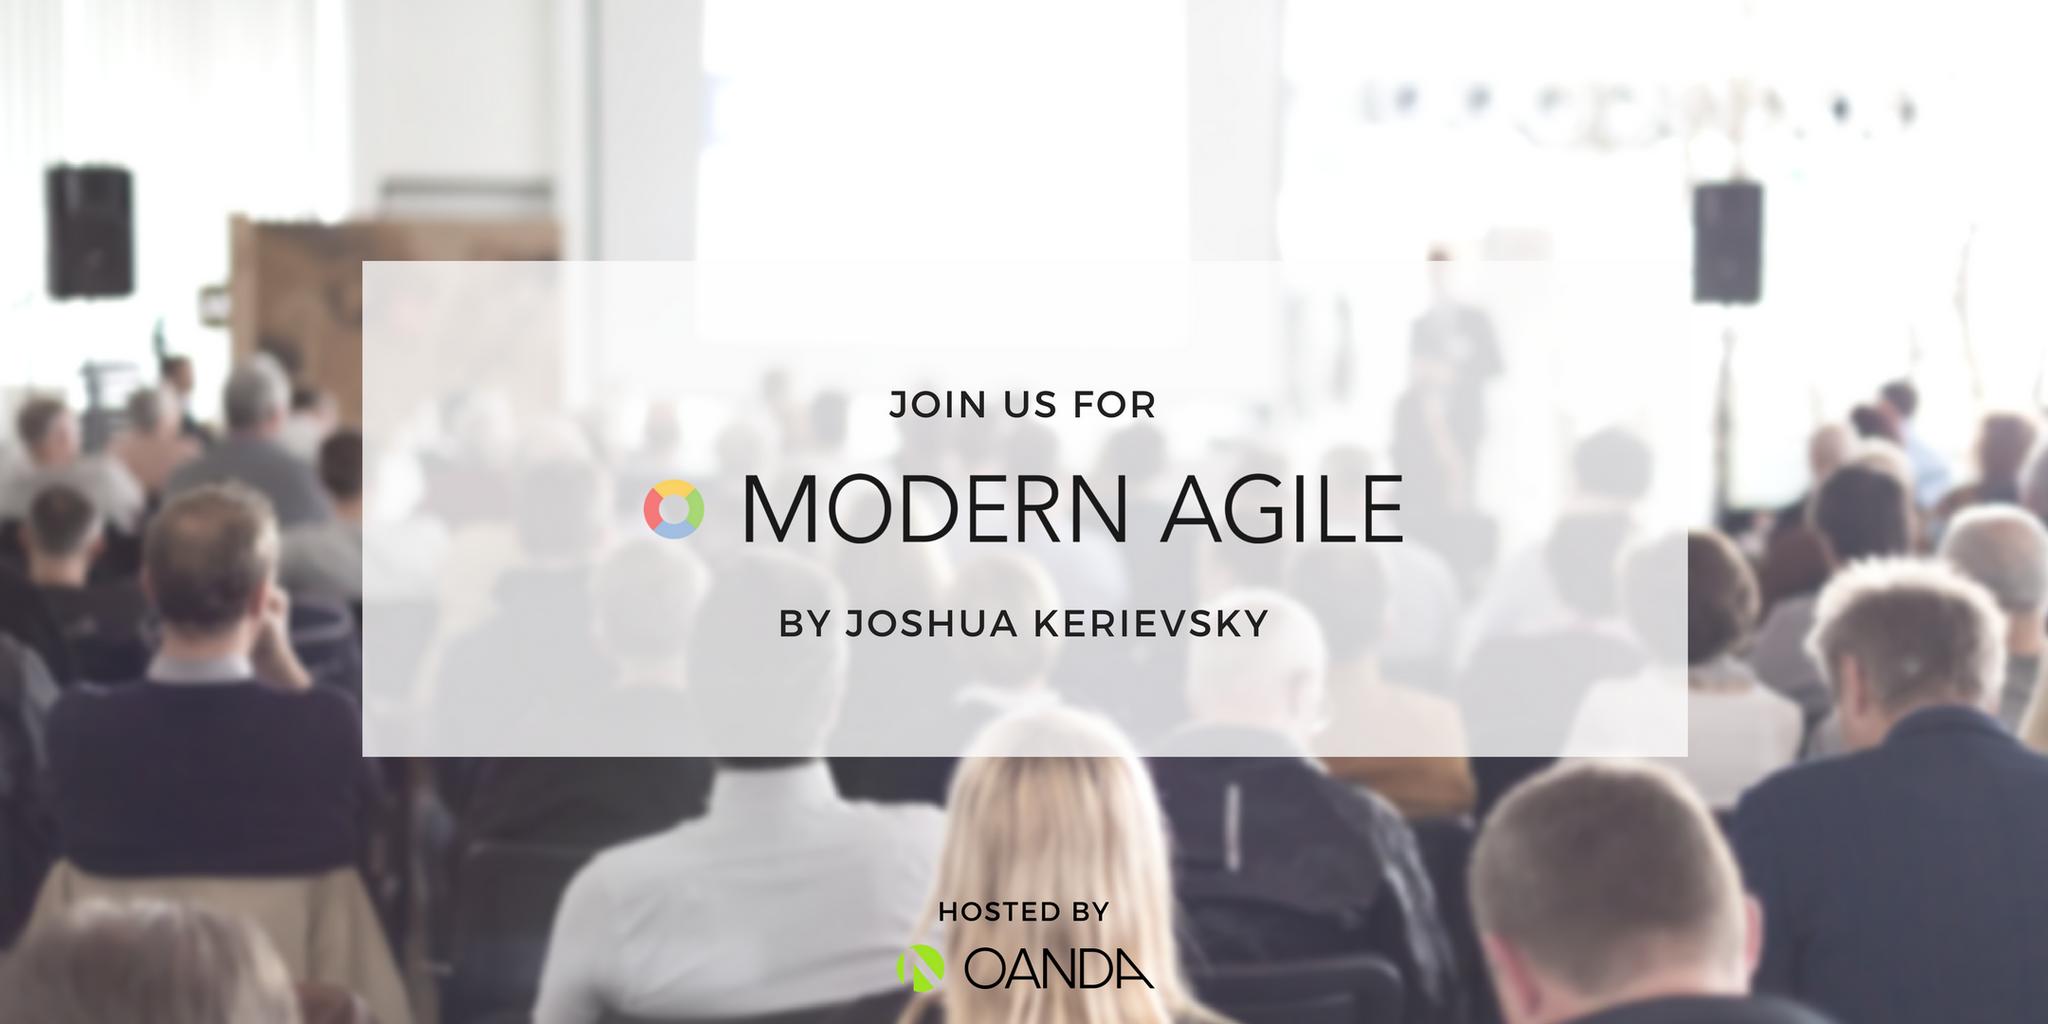 Modern Agile by Joshua Kerievsky at OANDA